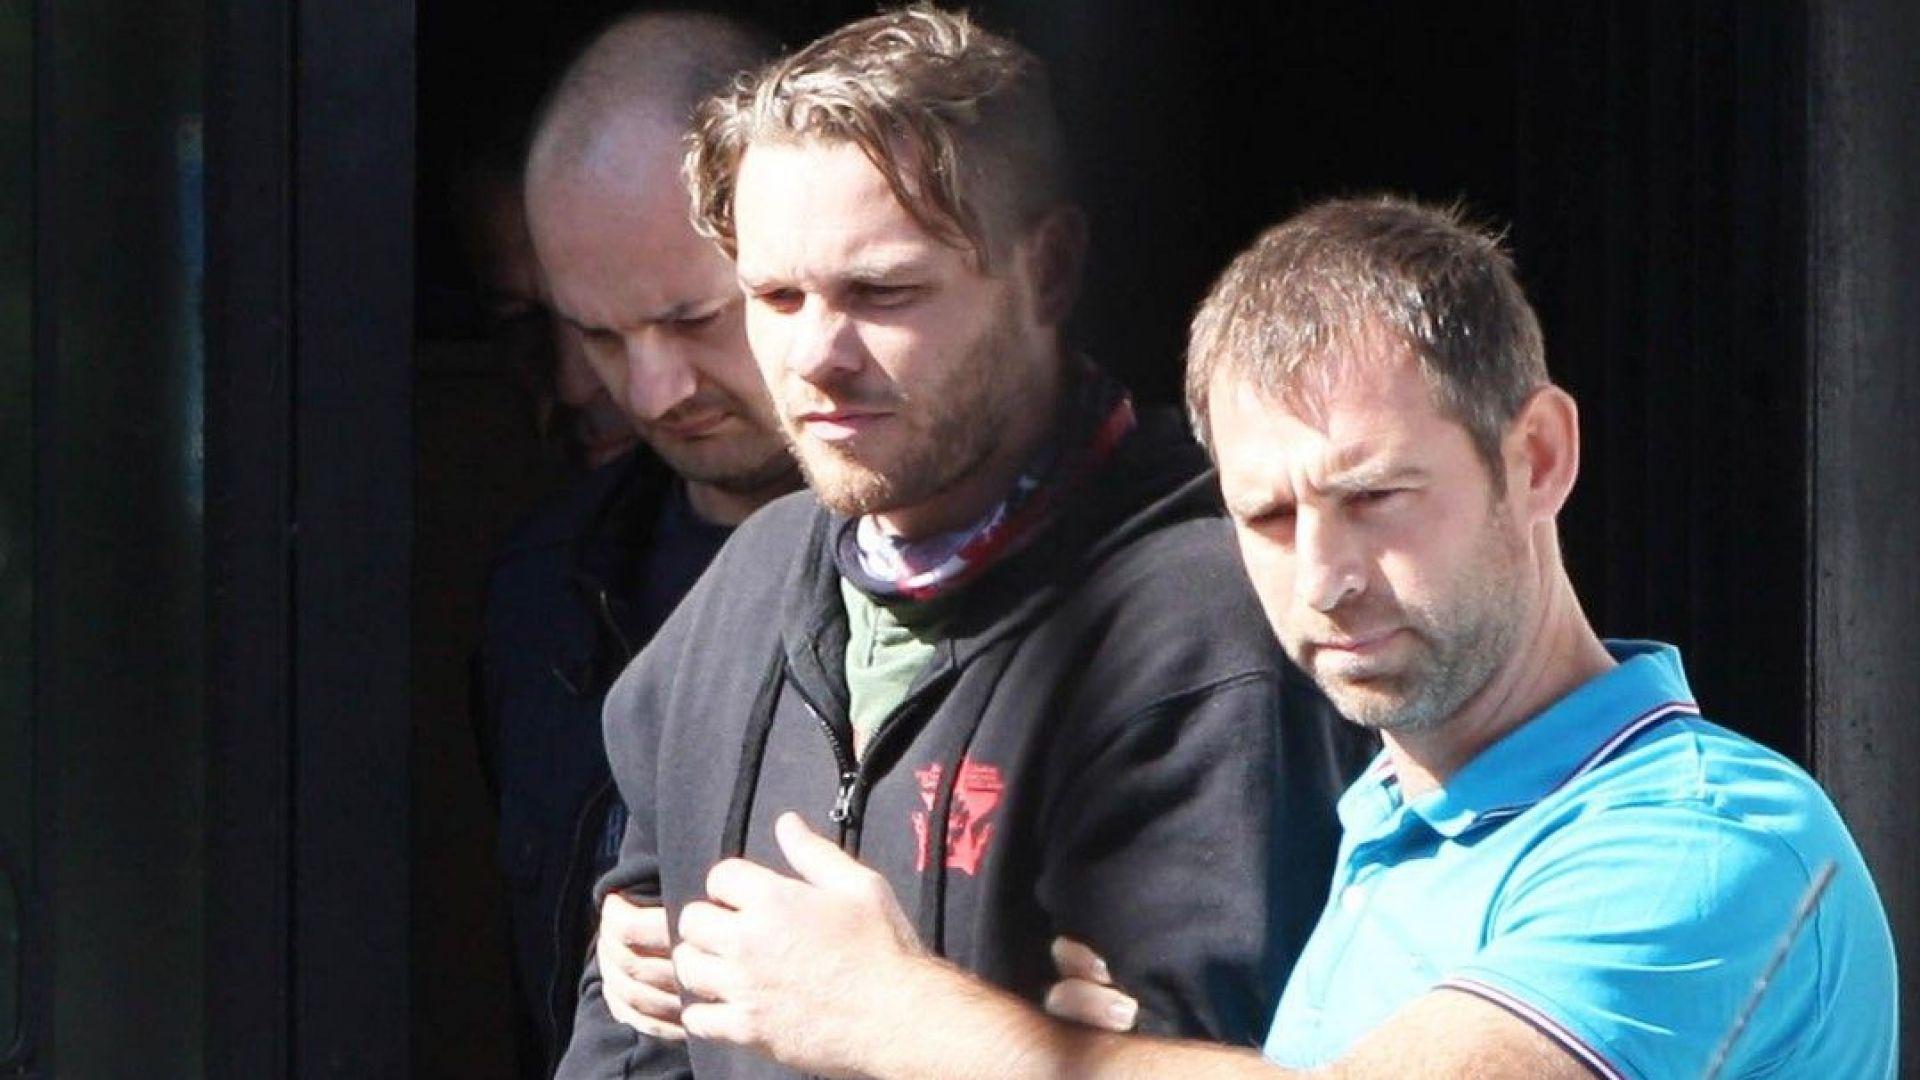 Цацаров пред посланика на Австралия: Решението за Полфриймън е от незаконен състав на съда